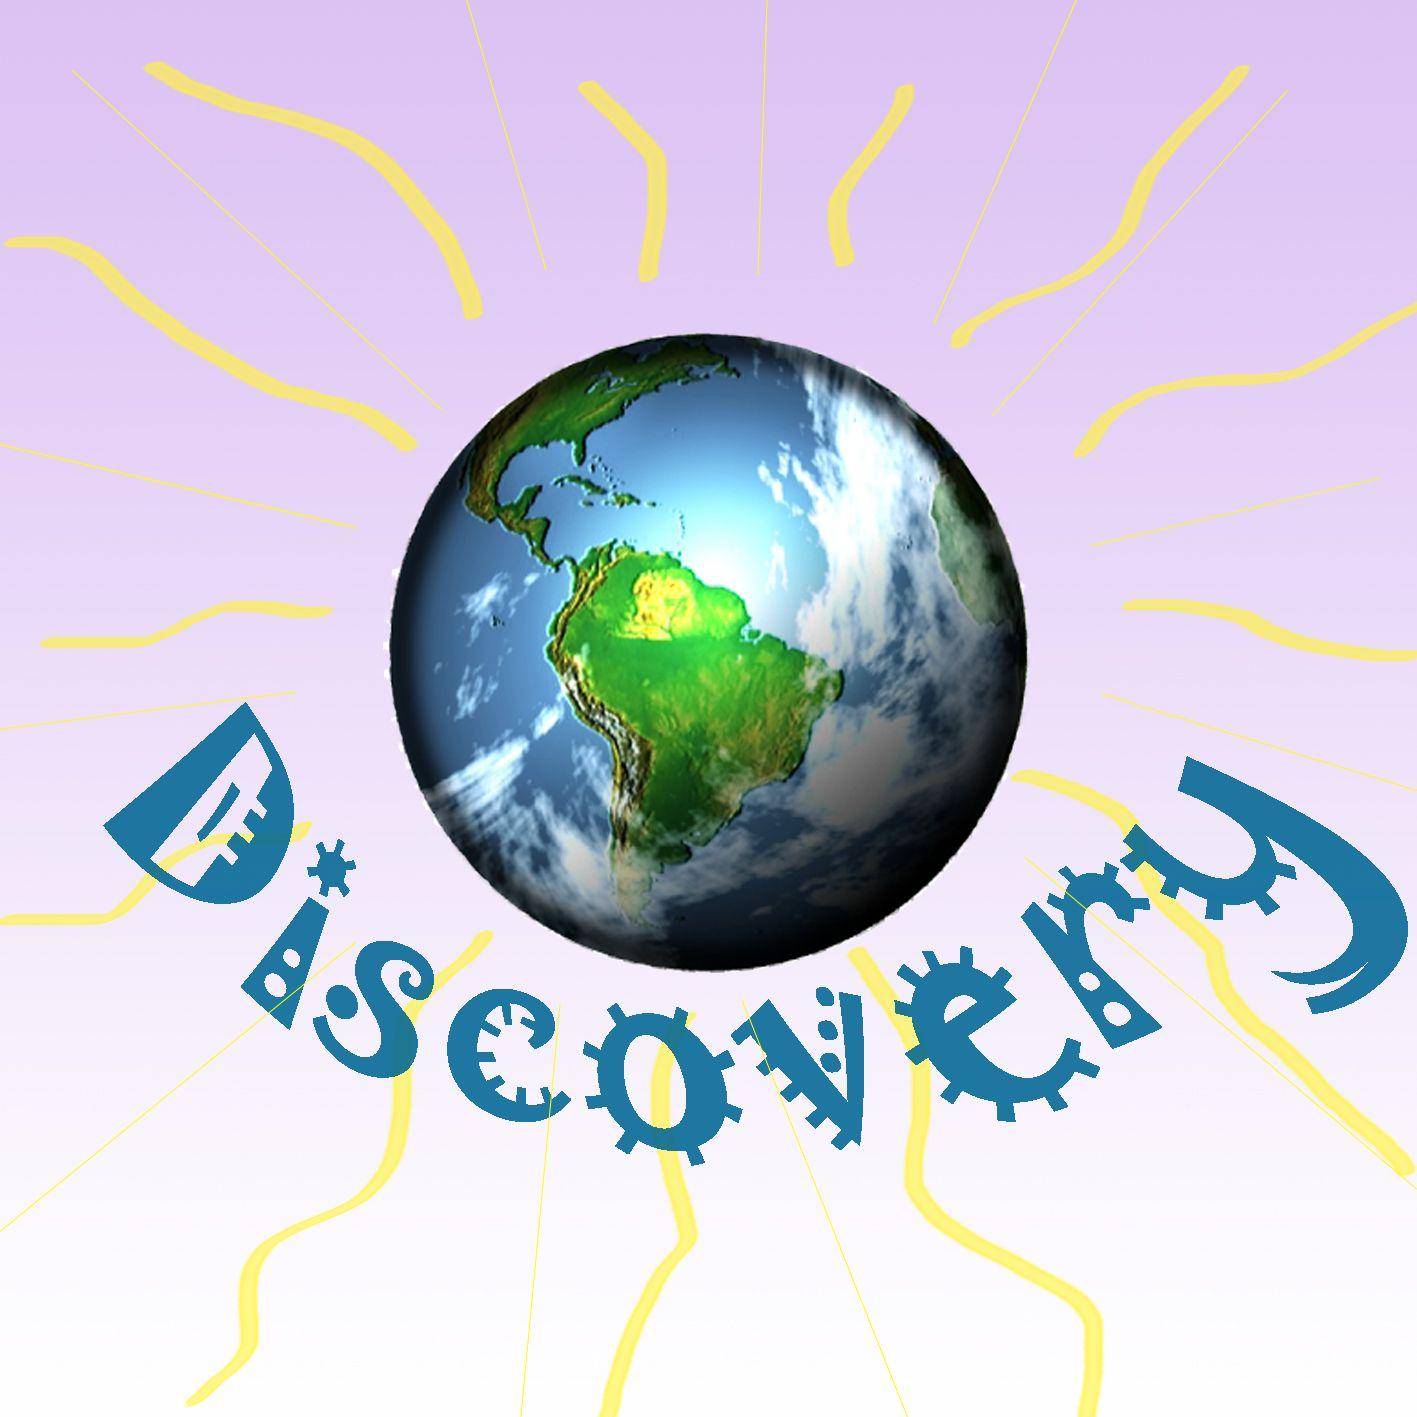 Логотип и фирм стиль для турагентства Discovery - дизайнер kozelins